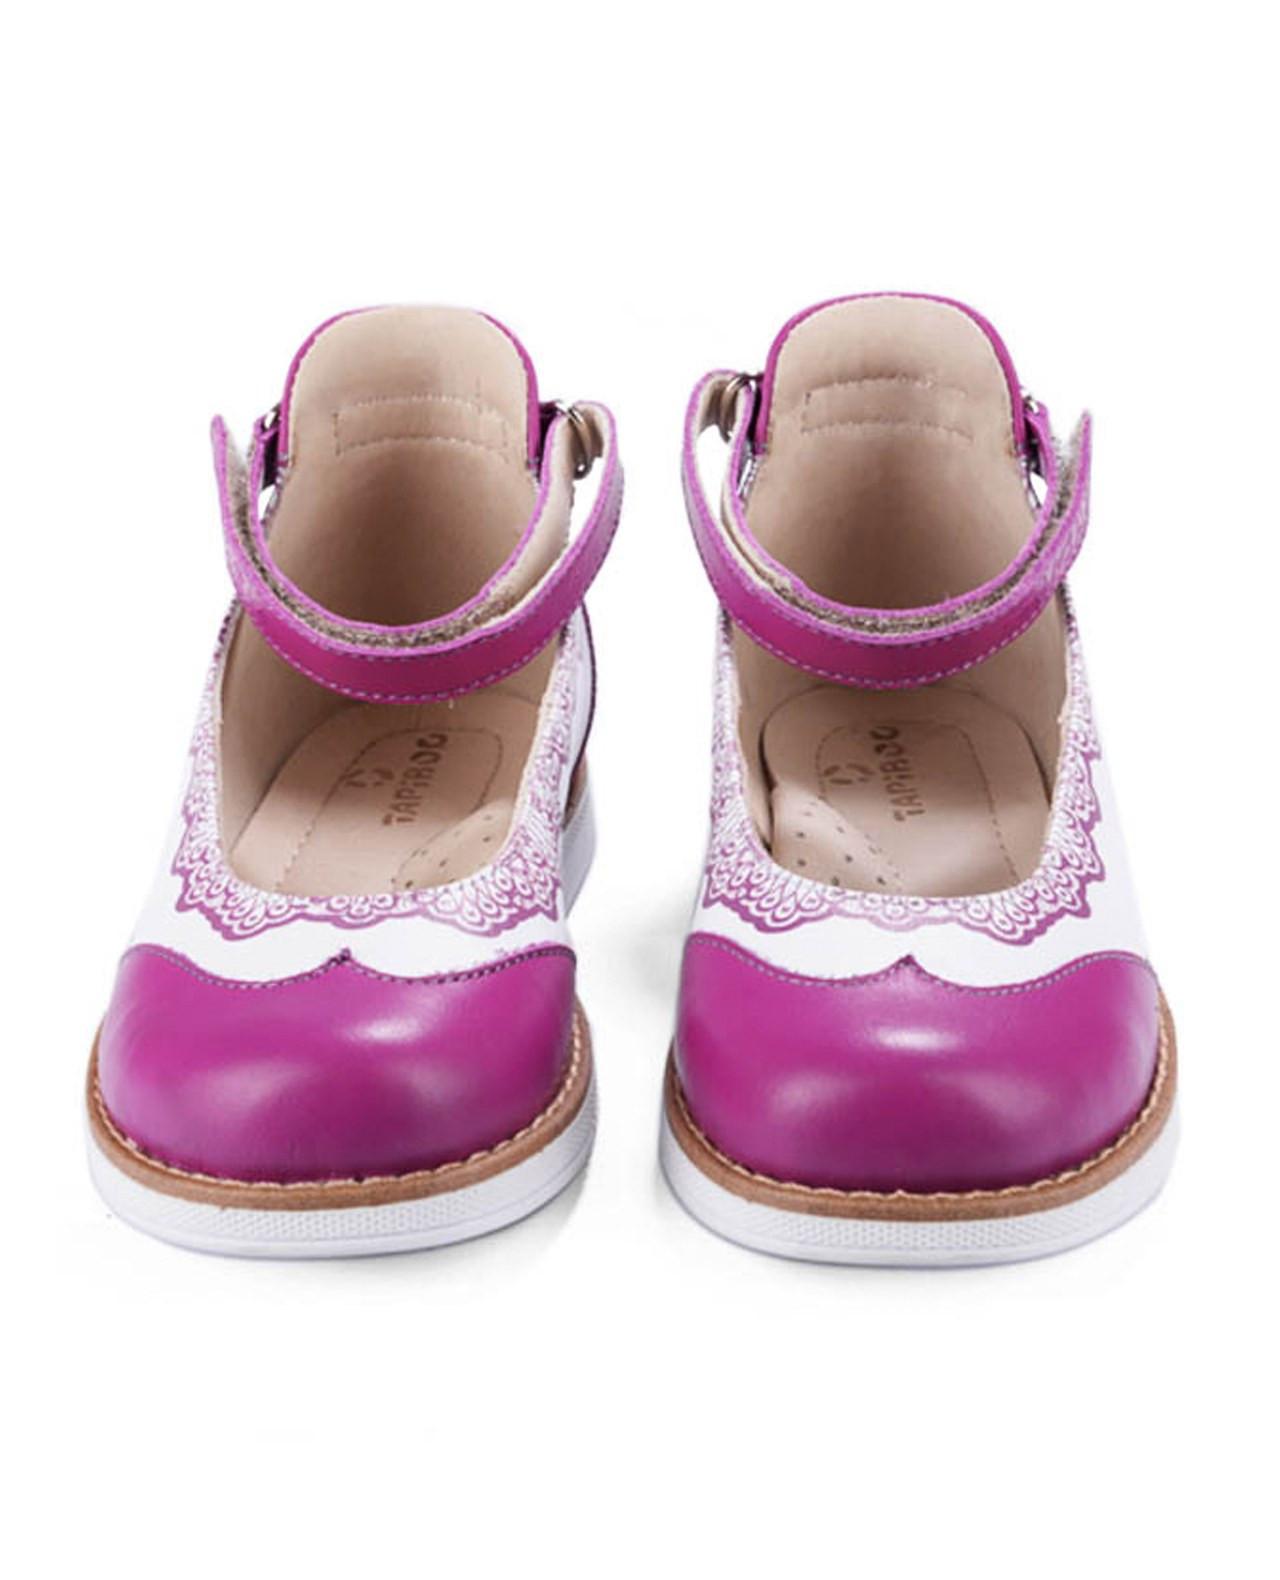 Туфли Детские, Tapiboo Мэри Джейн (38906, 30 )Туфли<br>Яркая и элегантная модель для девочек с <br>оригинальными принтами. Широкий, устойчивый <br>каблук, специальной конфигурации «каблук <br>Томаса». Каблук продлен с внутренней стороны <br>до середины стопы, чтобы исключить вращение <br>(заваливание) стопы вовнутрь (пронационный <br>компонент деформации, так называемая косолапость, <br>или вальгусная деформация). Многослойная, <br>анатомическая стелька со сводоподдерживающим <br>элементом для правильного формирования <br>стопы. Благодаря использованию современных <br>внутренних материалов позволяет оптимально <br>распределить нагрузку по всей площади стопы <br>и свести к минимуму ее ударную составляющую. <br>Жесткий фиксирующий задник с удлиненным <br>«крылом» надежно стабилизирует голеностопный <br>сустав во время ходьбы, препятствуя развитию <br>патологических изменений стопы. Упругая, <br>умеренно-эластичная подошва, имеющая перекат <br>позволяющий повторить естественное движение <br>стопы при ходьбе для правильного распределения <br>нагрузки на опорно-двигательный аппарат <br>ребенка. Подкладка из кожи теленка обладает <br>повышенной износостойкост<br>Размер INT: M; Цвет: Красный; Ширина: 100; Высота: 200; Вес: 1000;